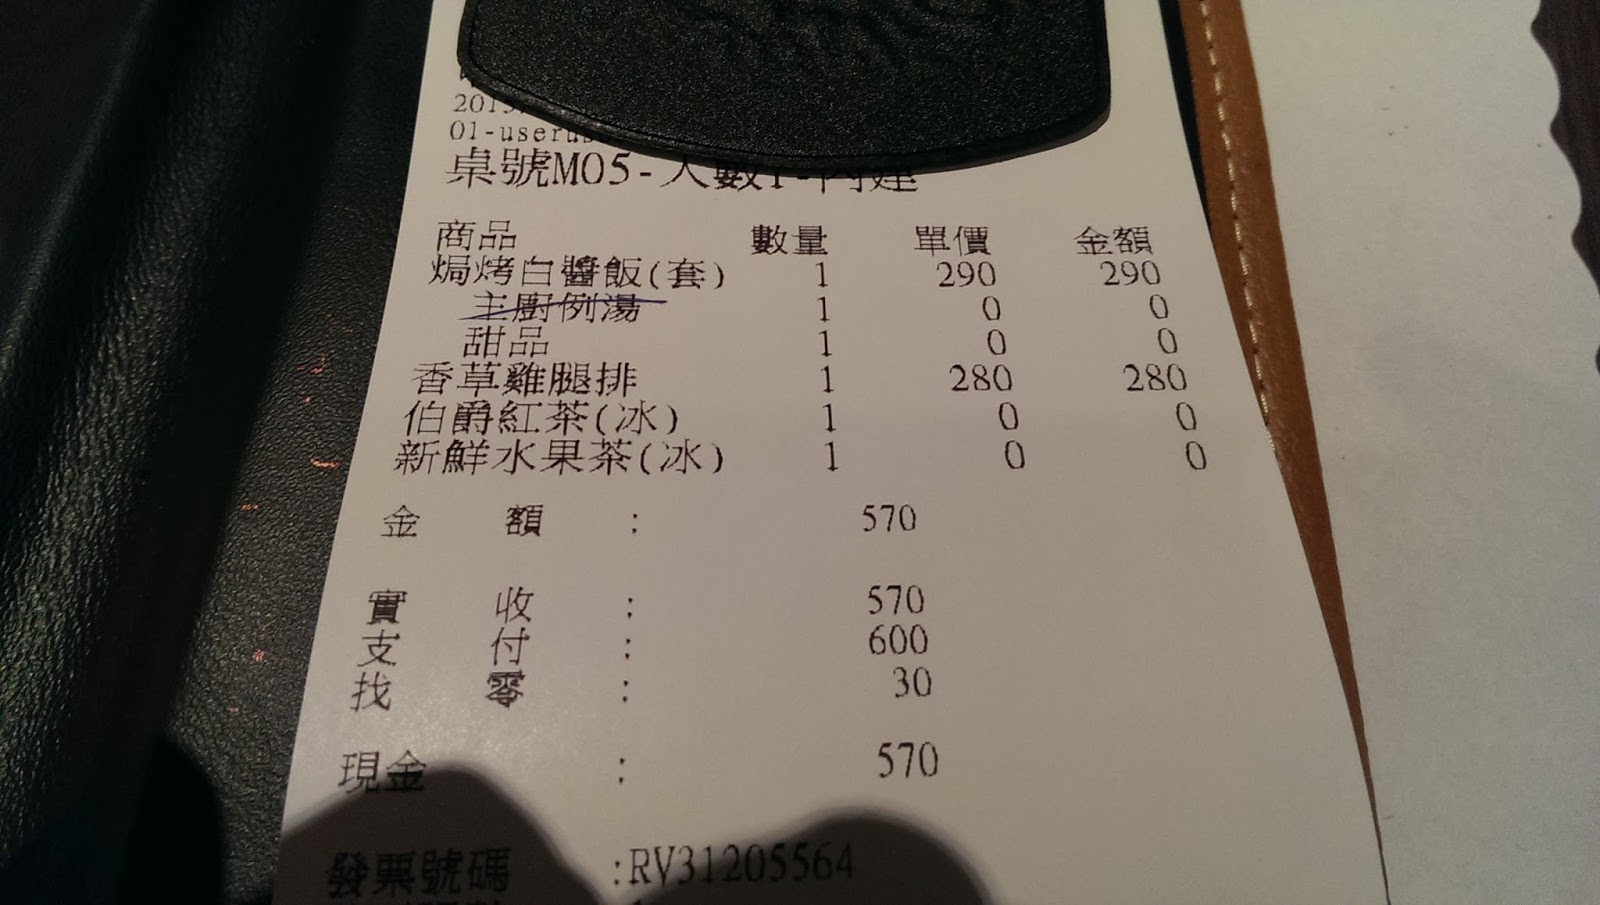 廣東茶的小茶舖: 岡山美食饗宴-岡大匯館